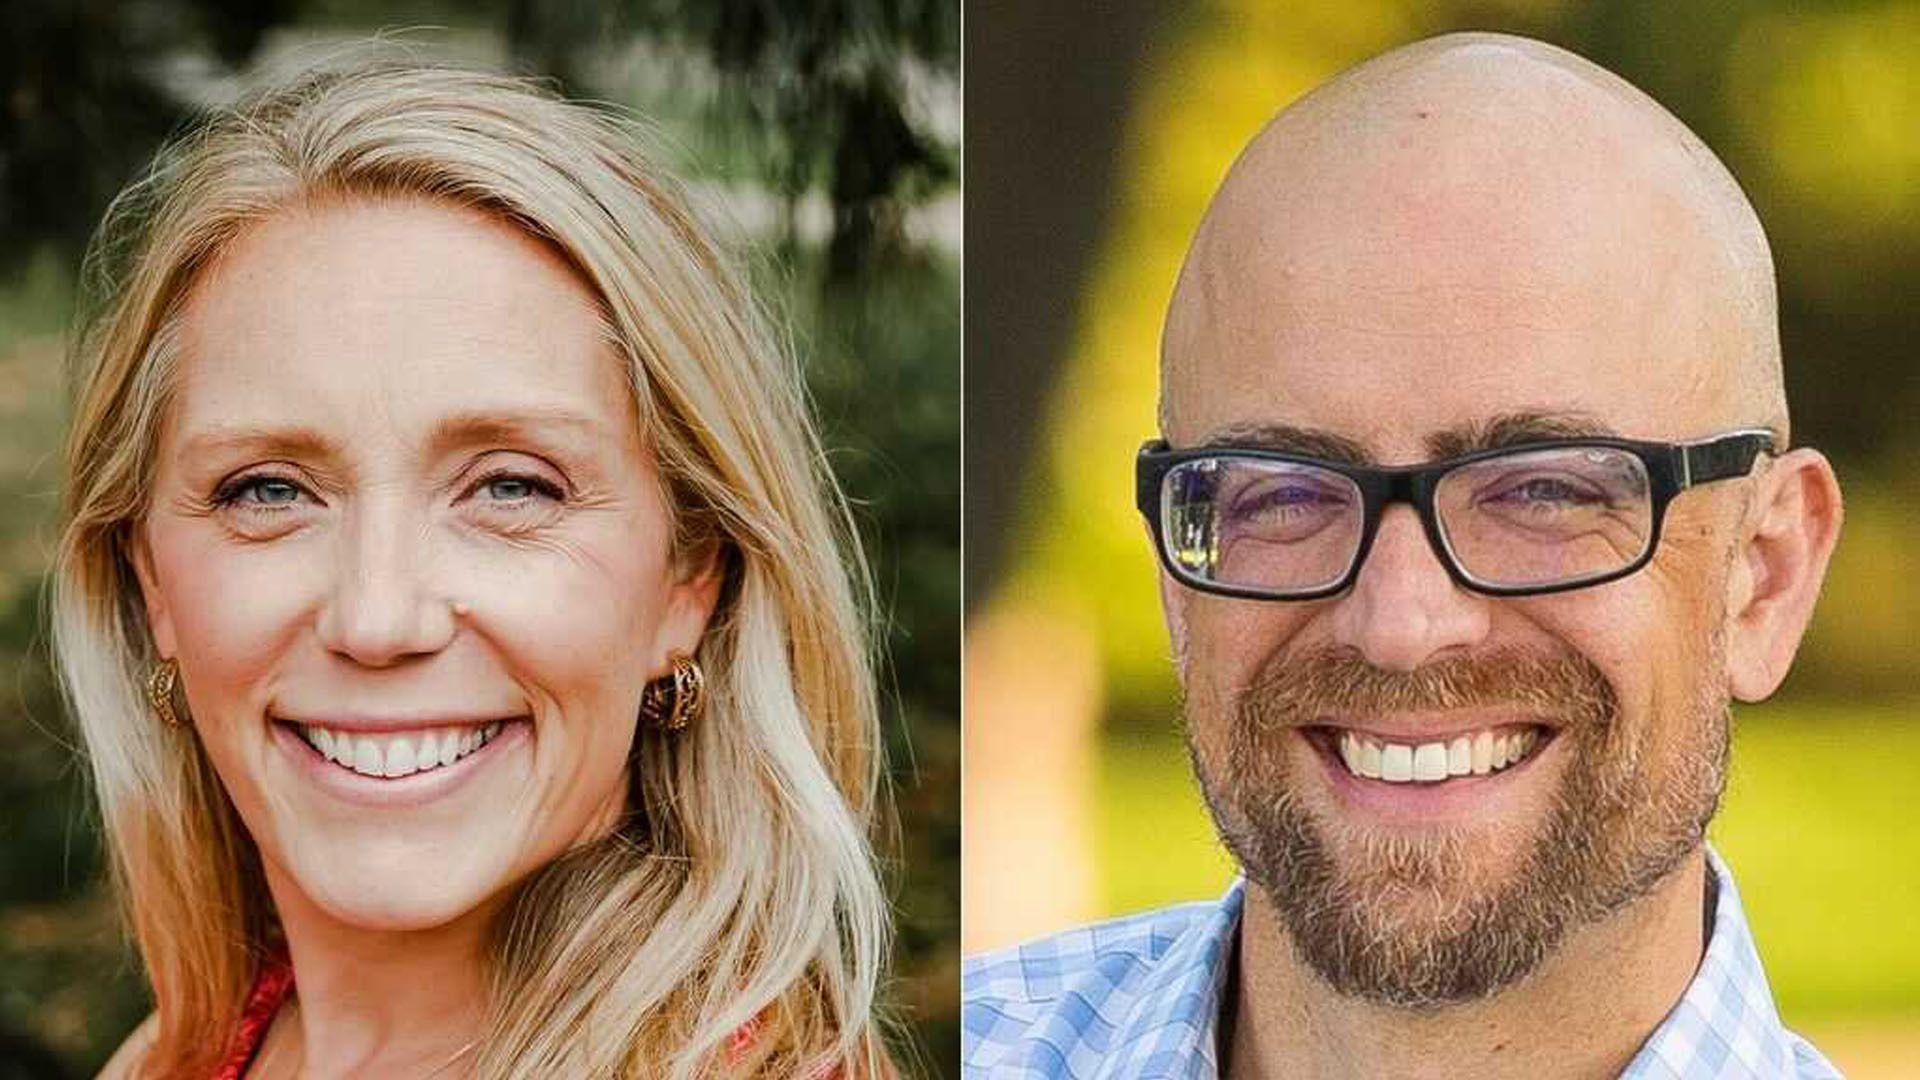 Emily Koski and Jeremy Schroeder